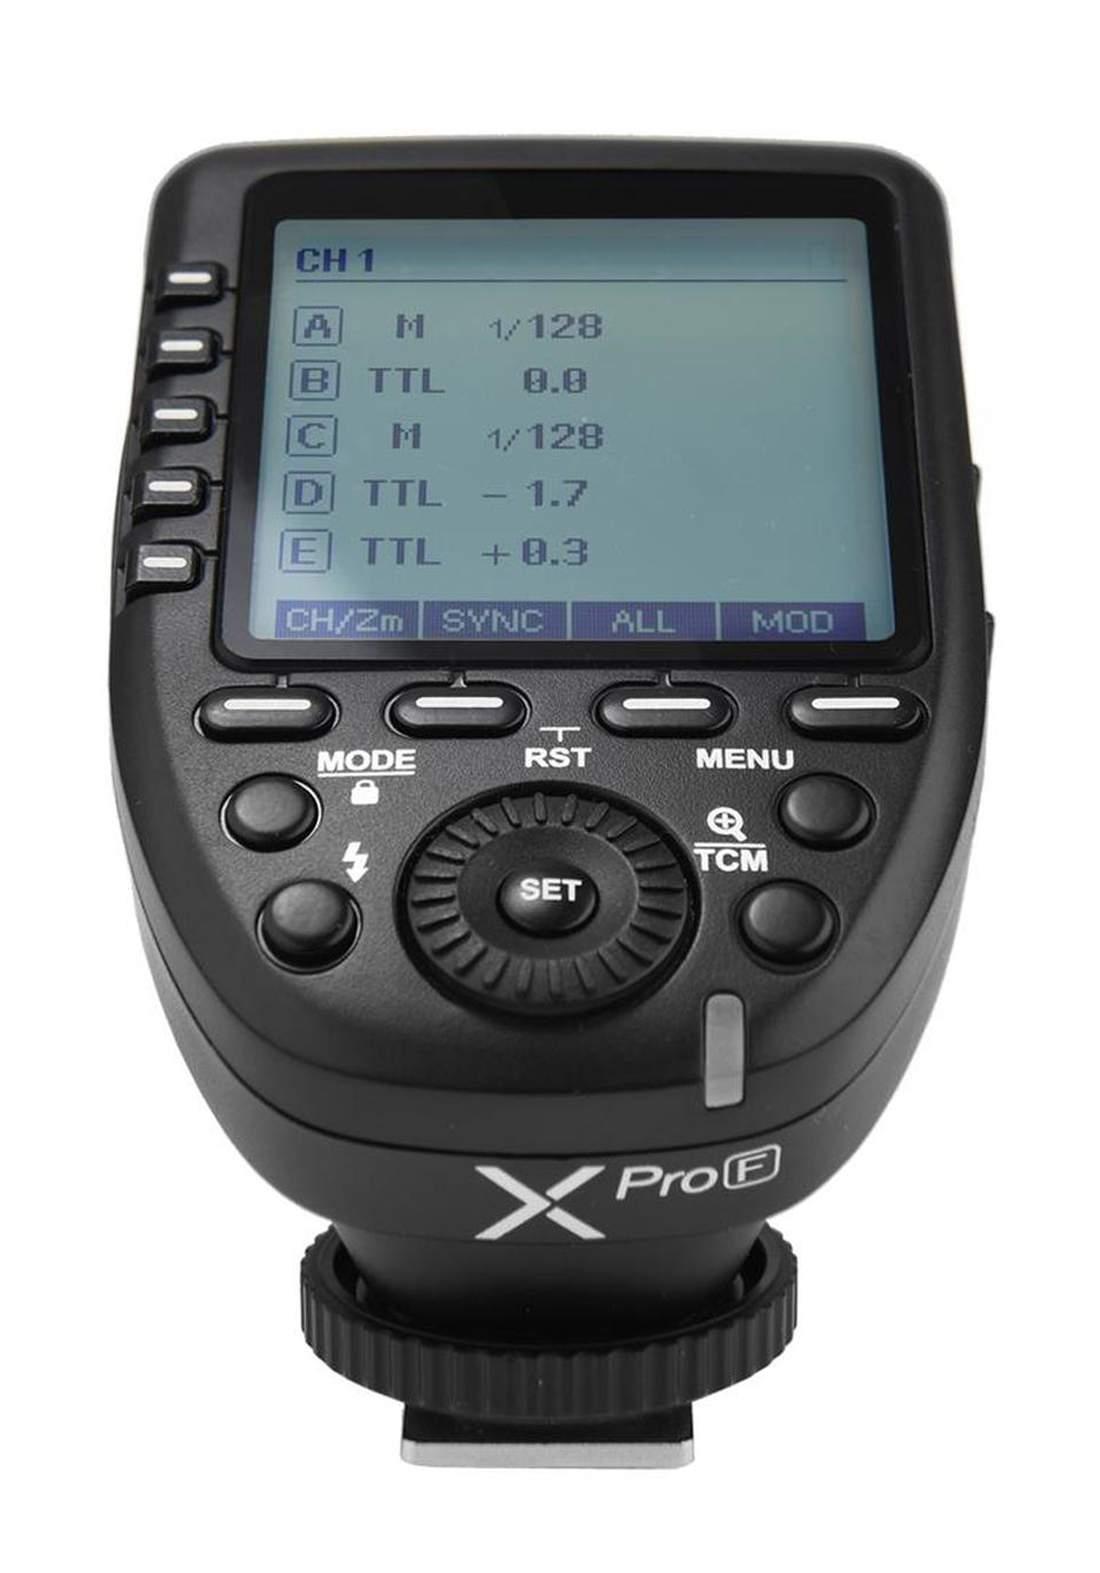 Godox X Pro F TTL Wireless Flash Trigger for Fujifilm Cameras - Black  مشغل فلاش كاميرا